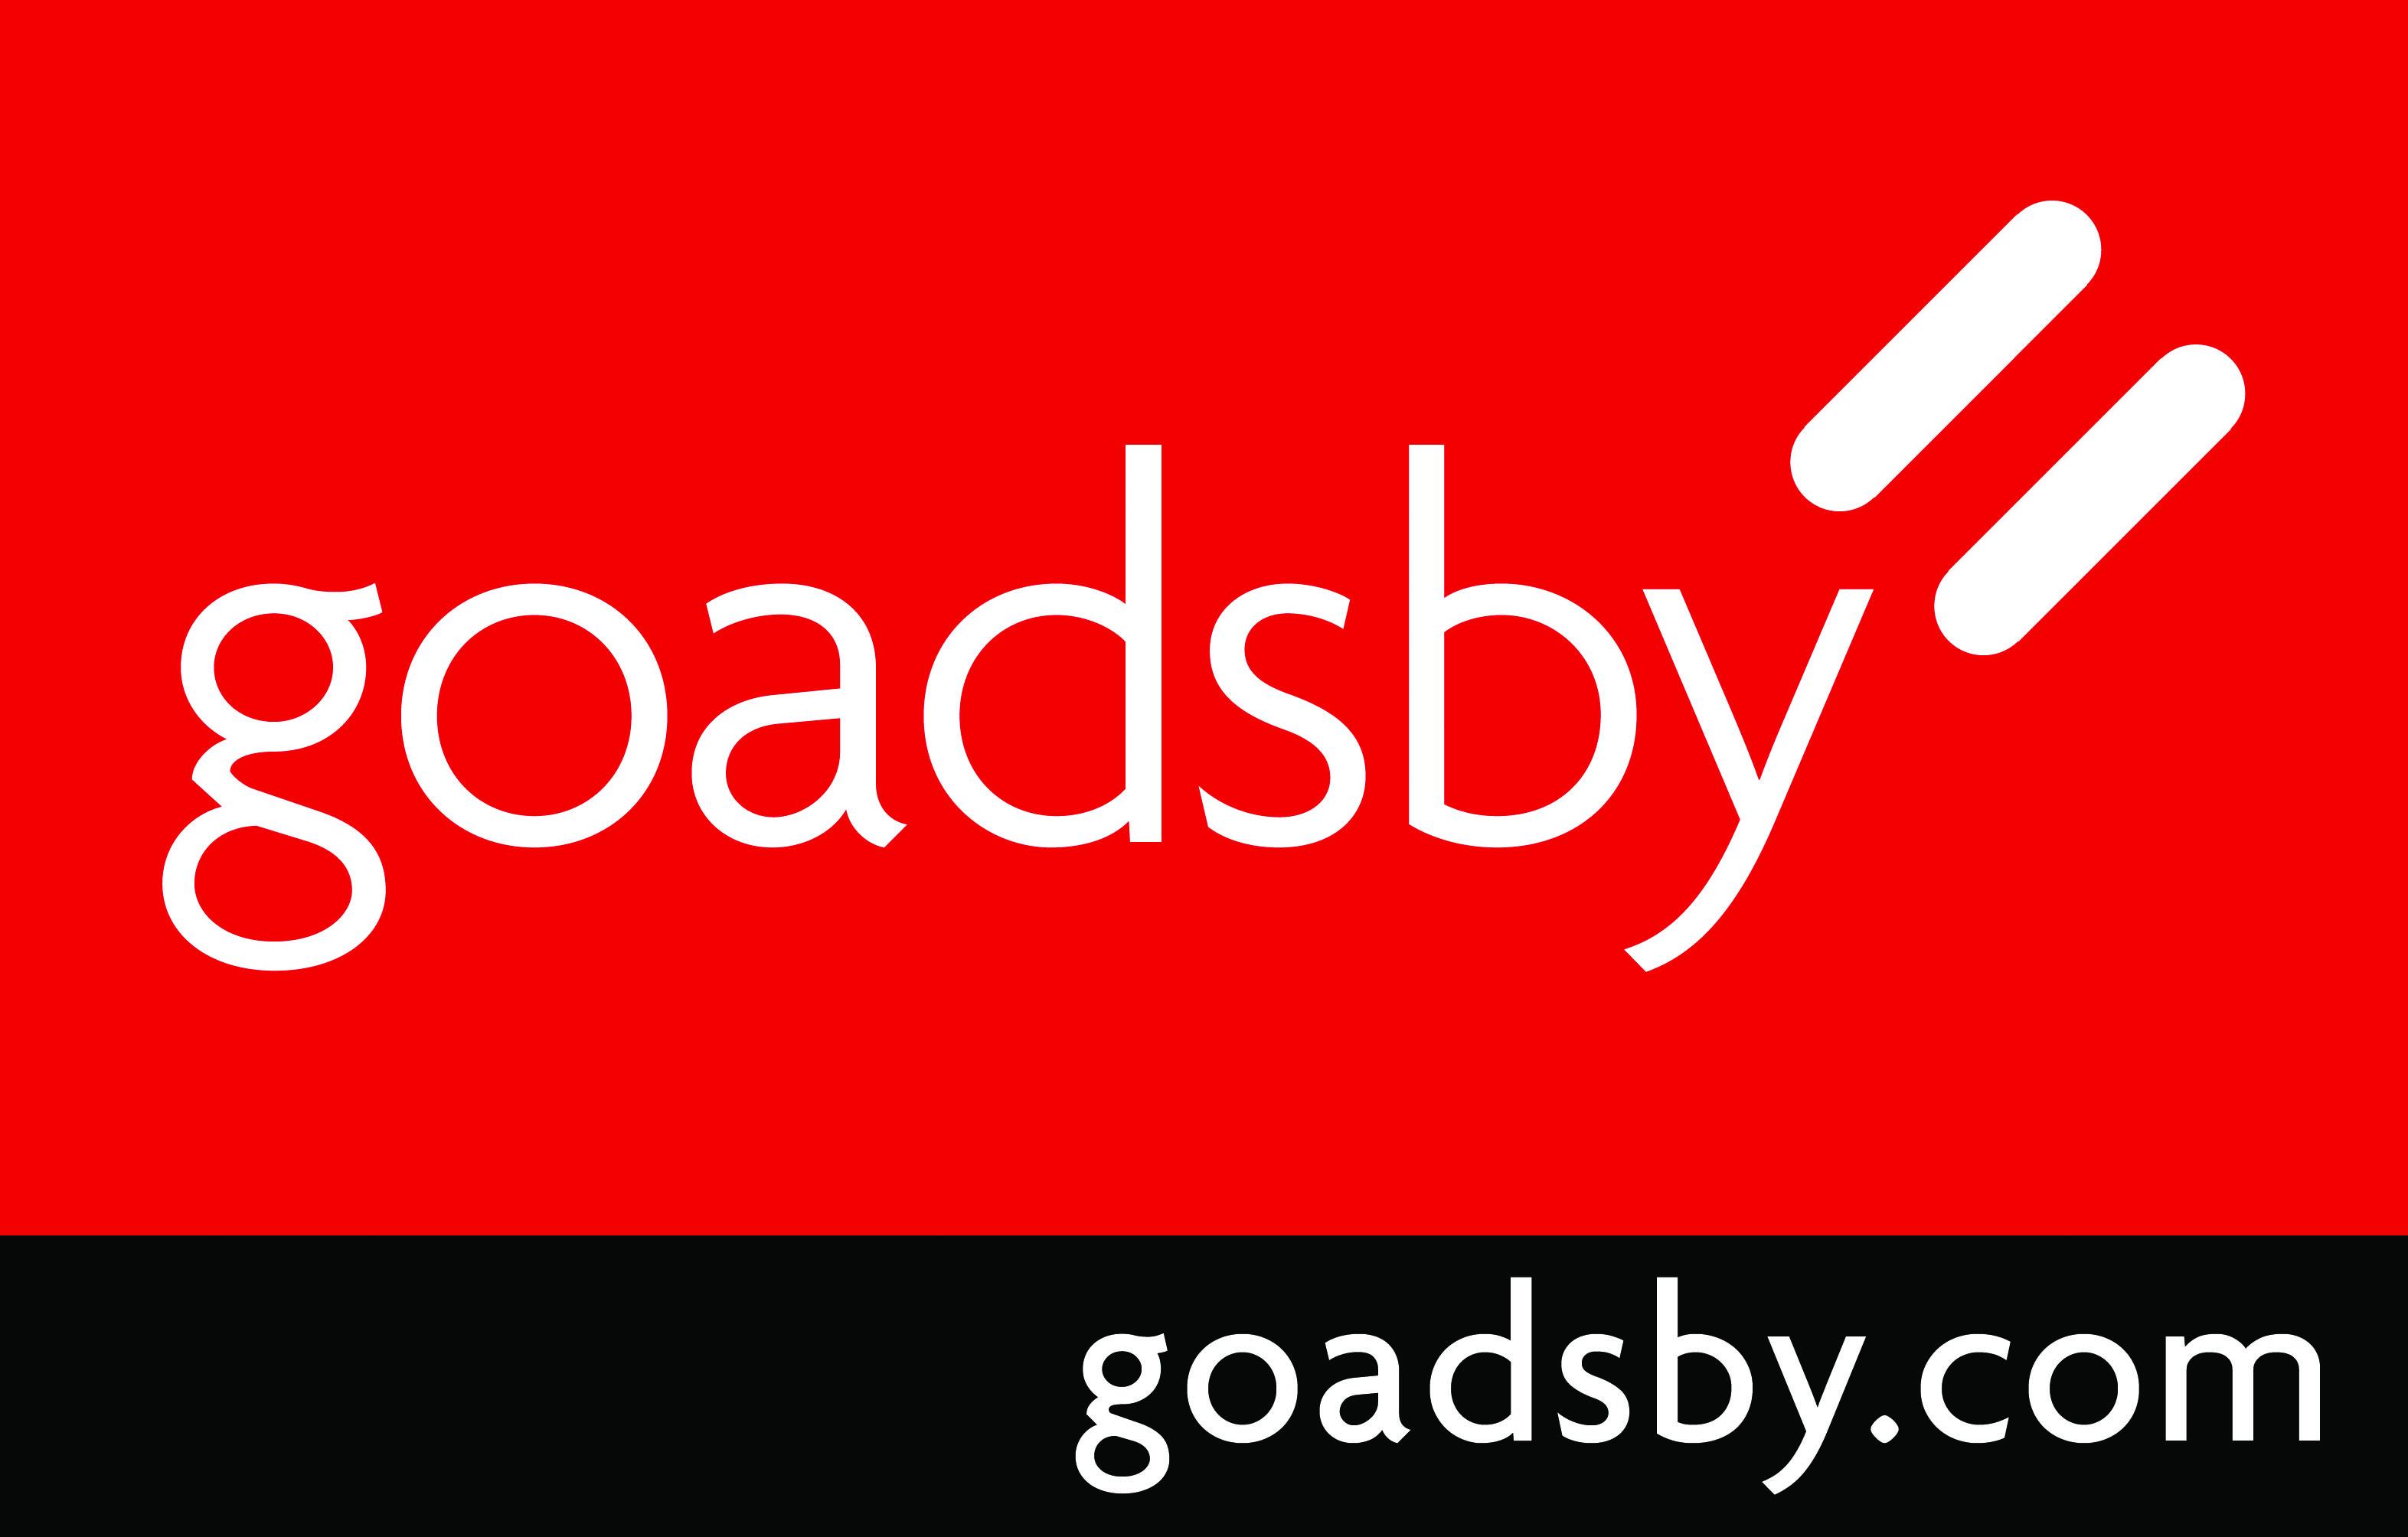 Goadsby